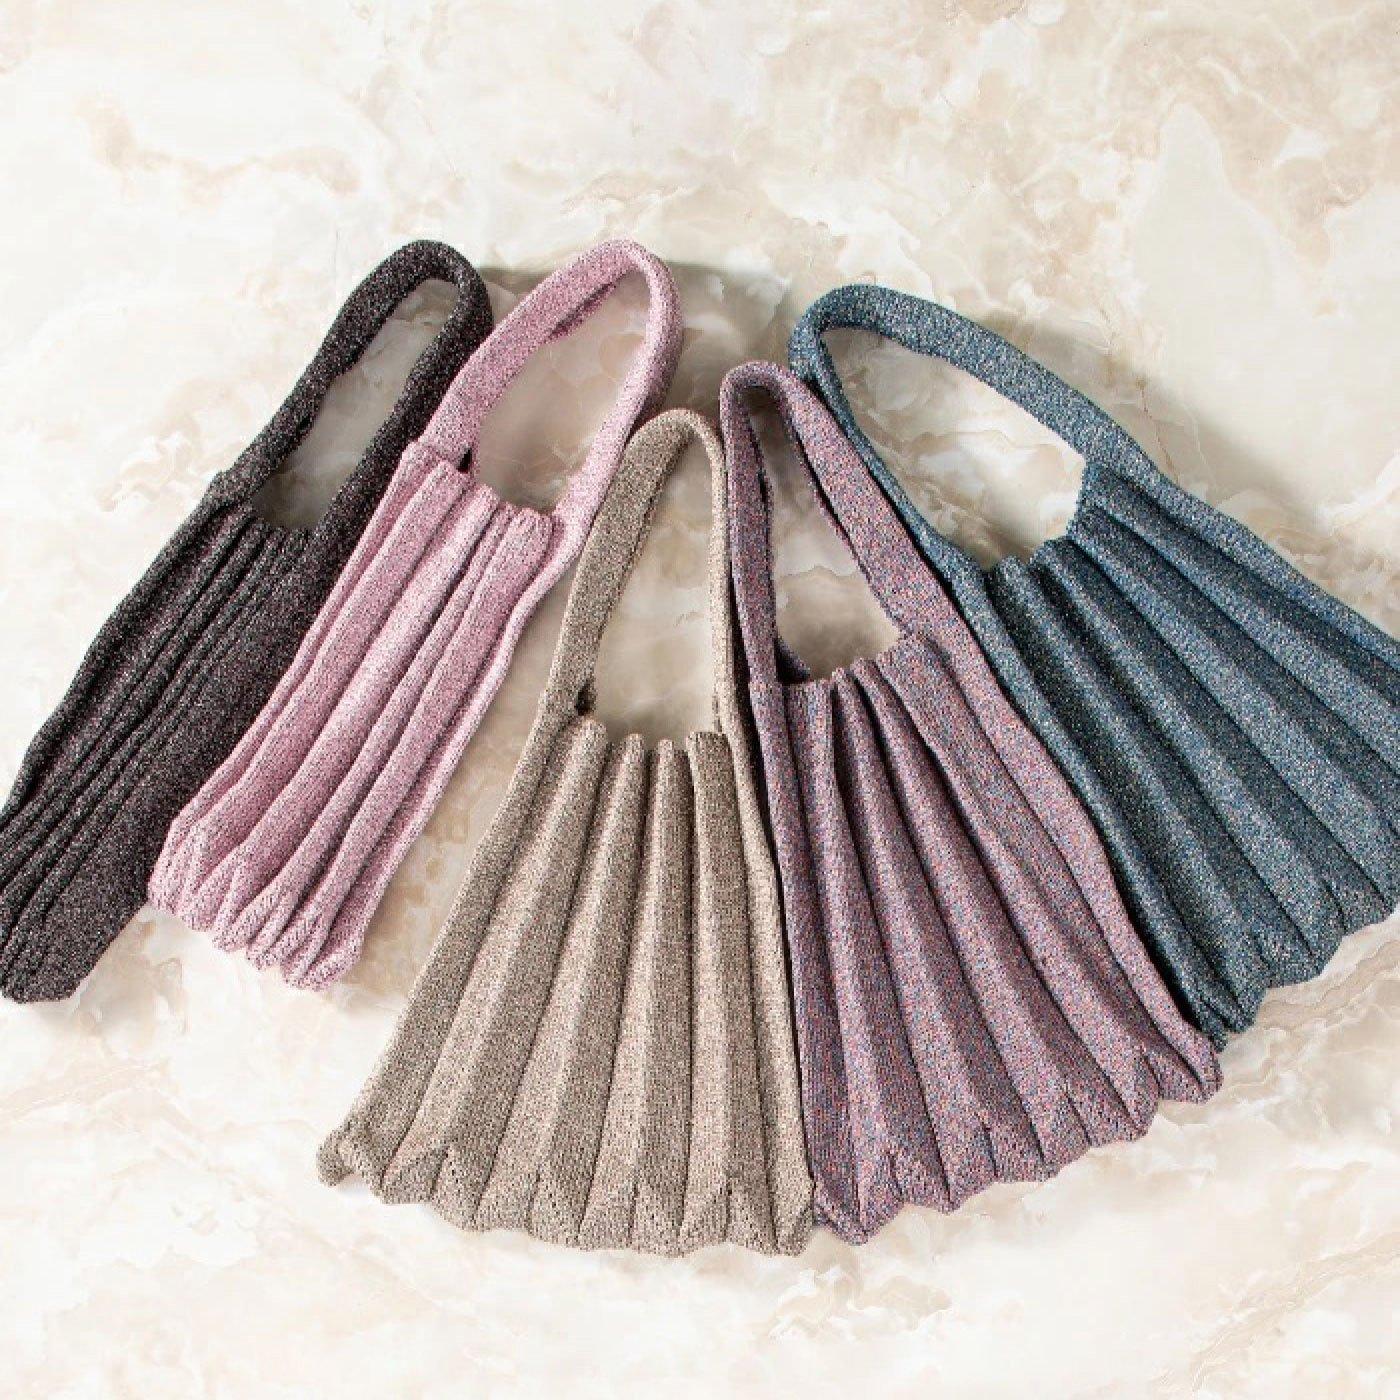 きらきら美しいラメ糸を編み込んだ エレガントなプリーツバッグ LAMEITO(ラメイト)